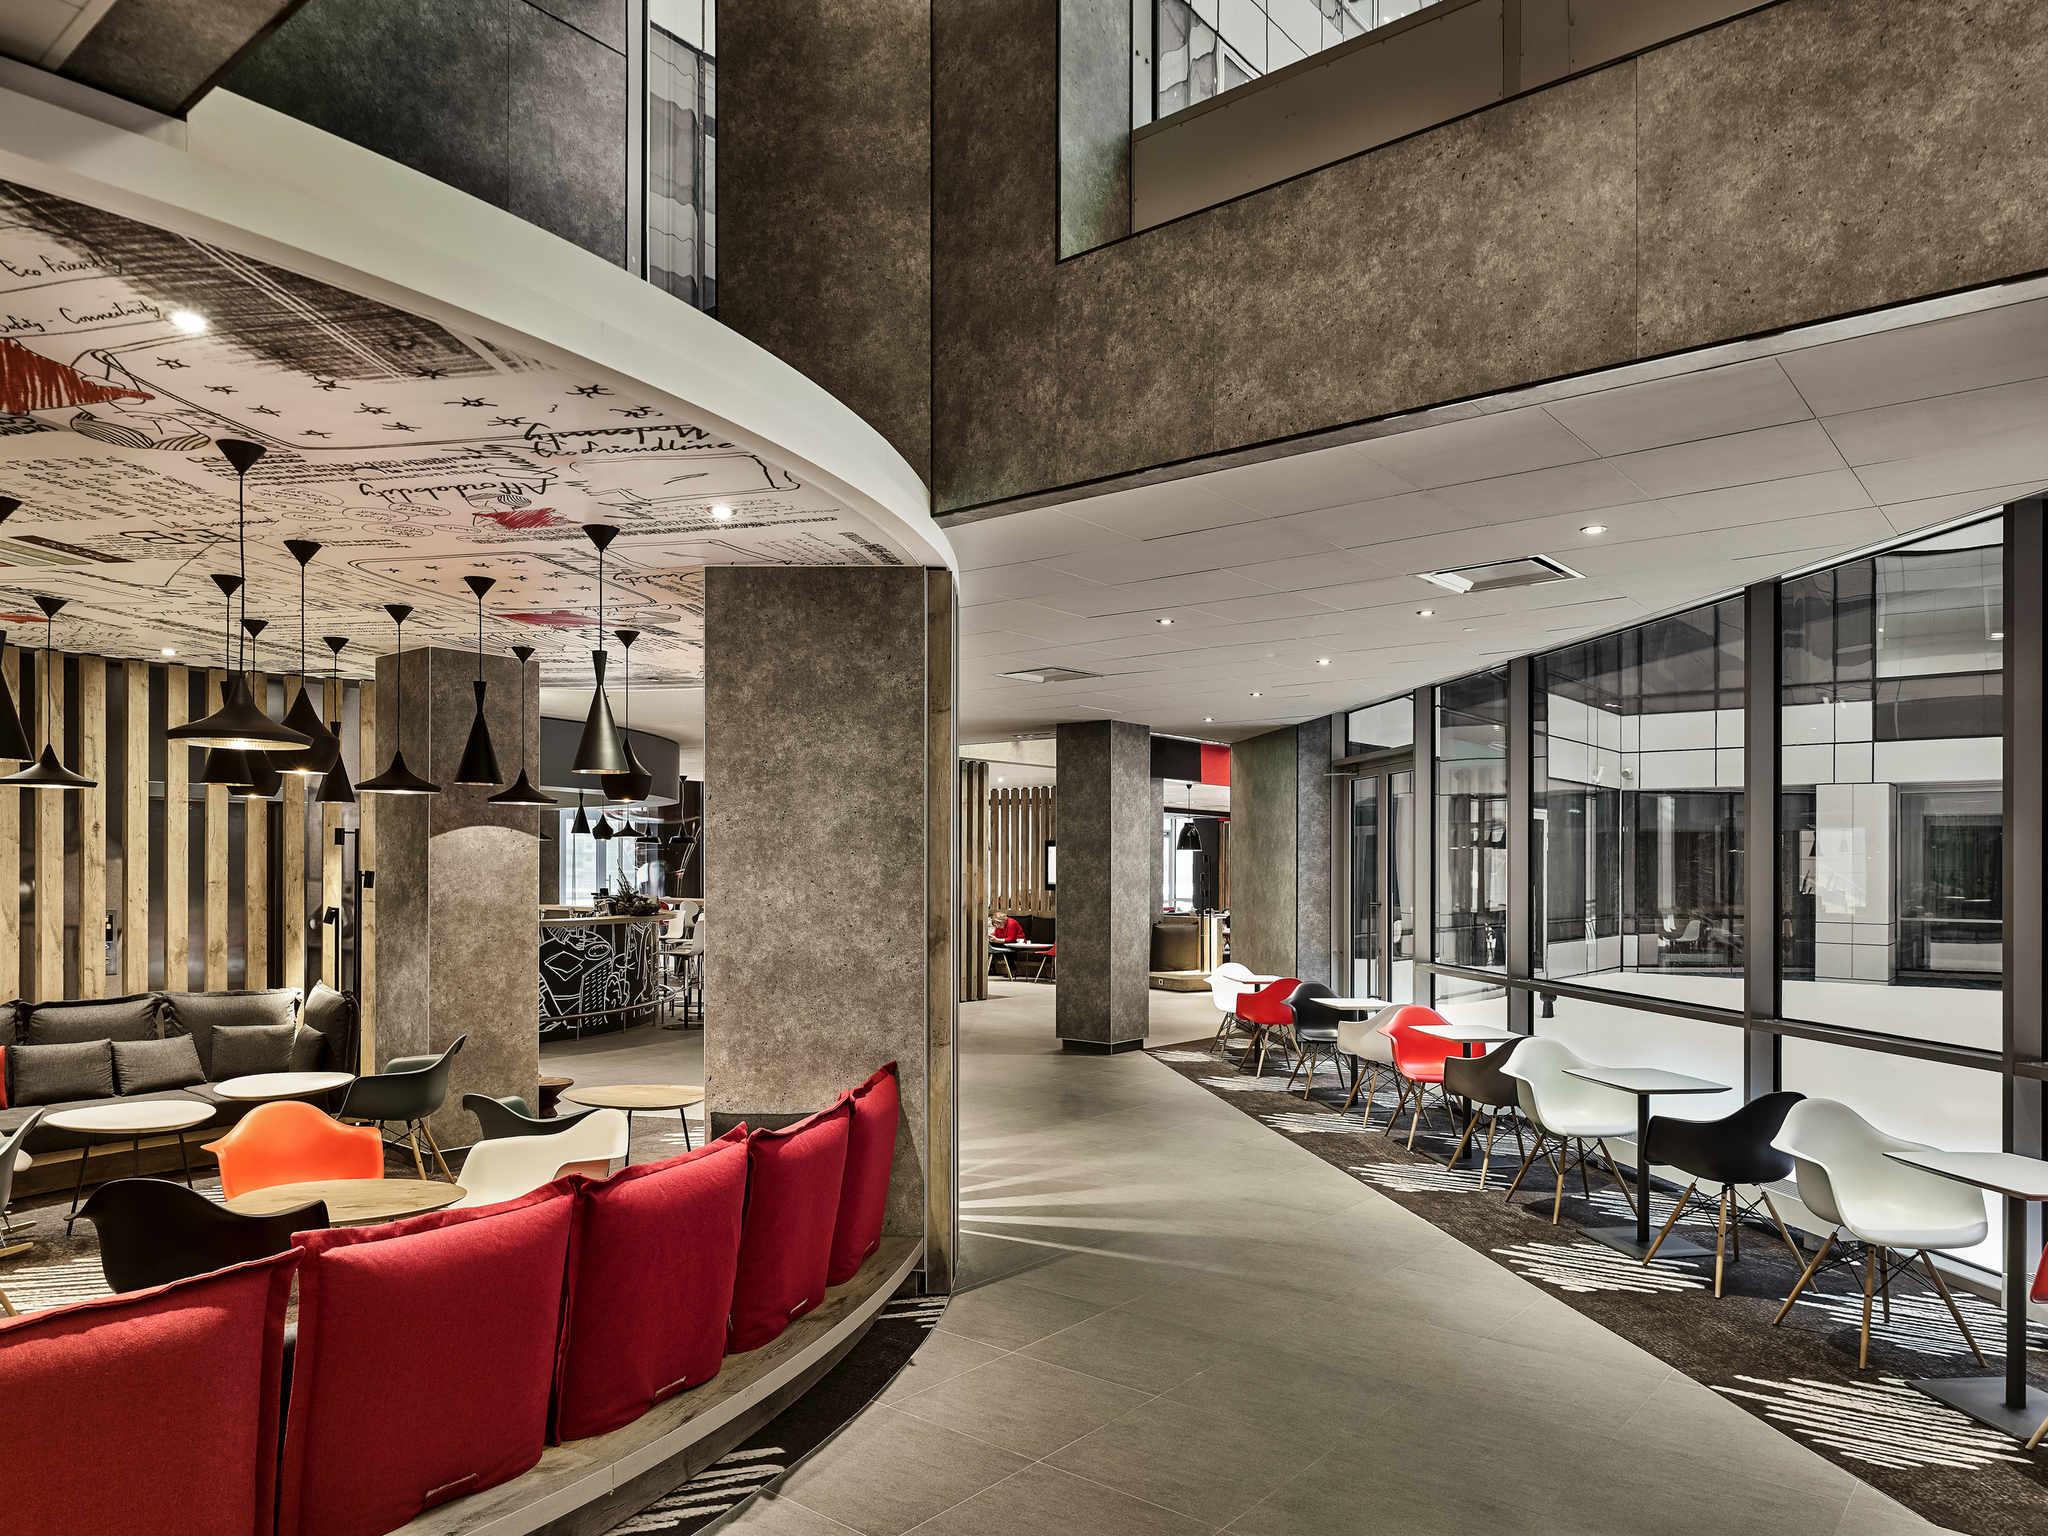 فندق - فندق إيبيس ibis موسكو كييفسكايا